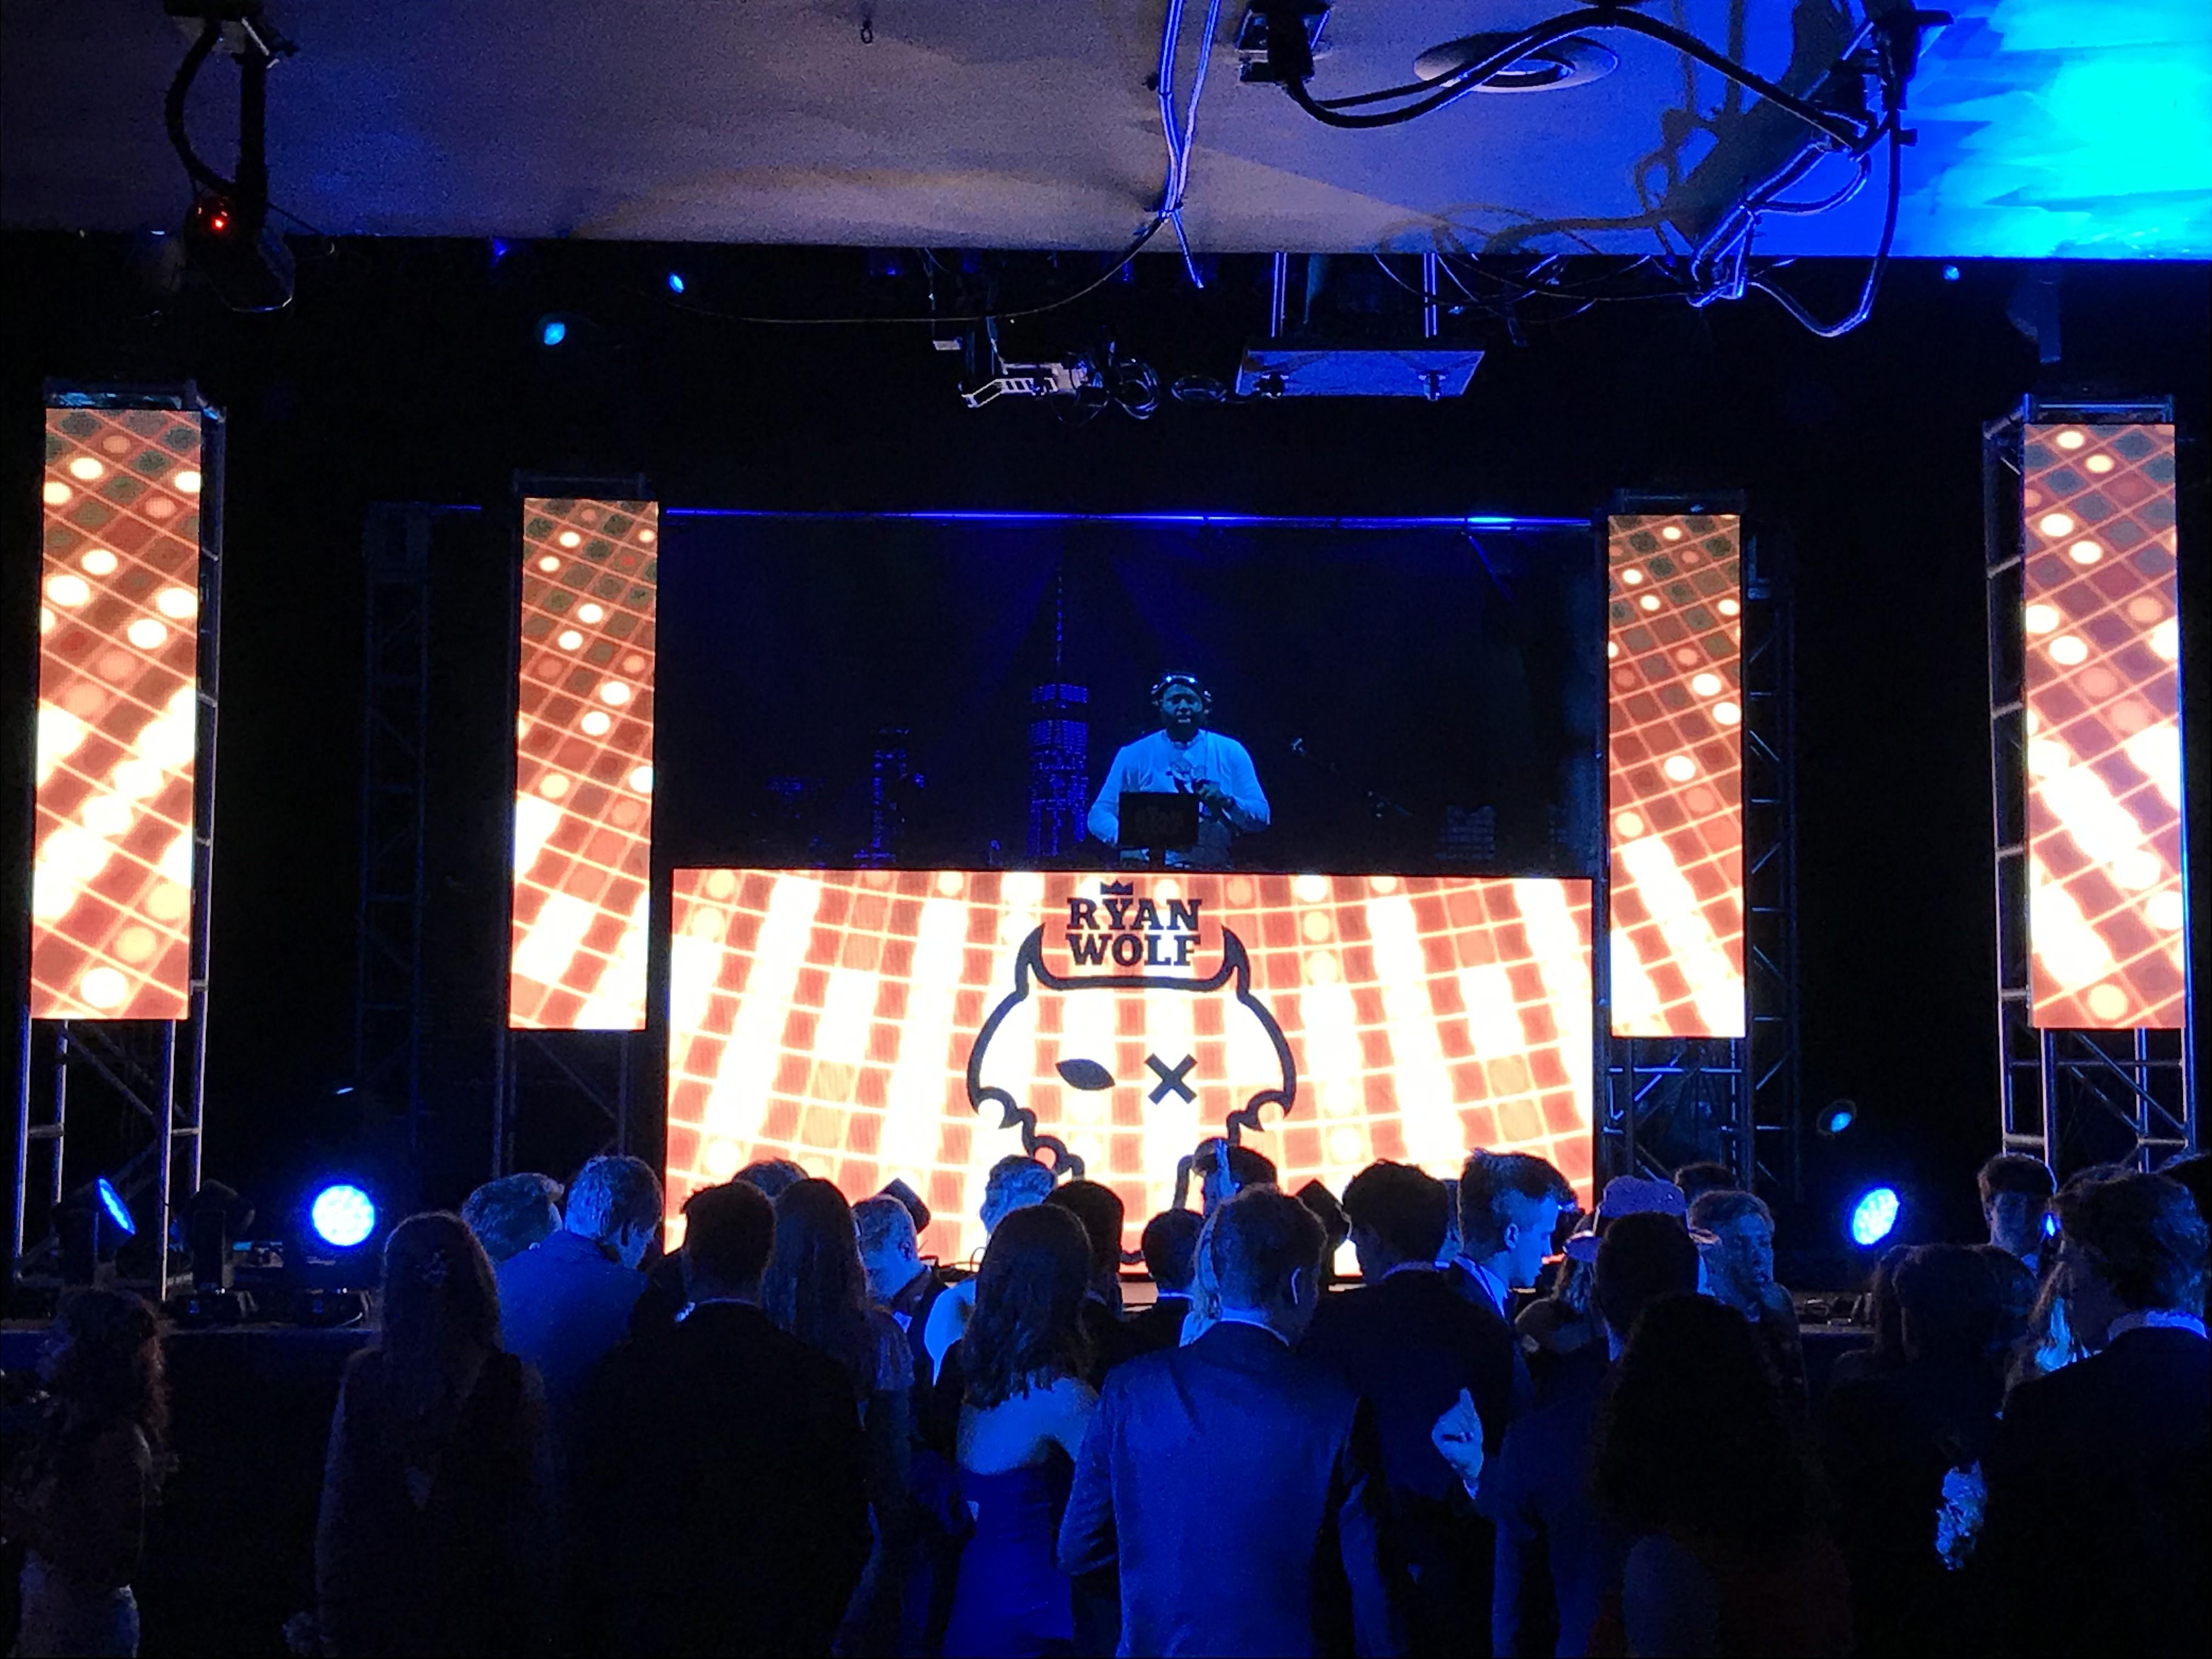 DJ Ryan Wolf